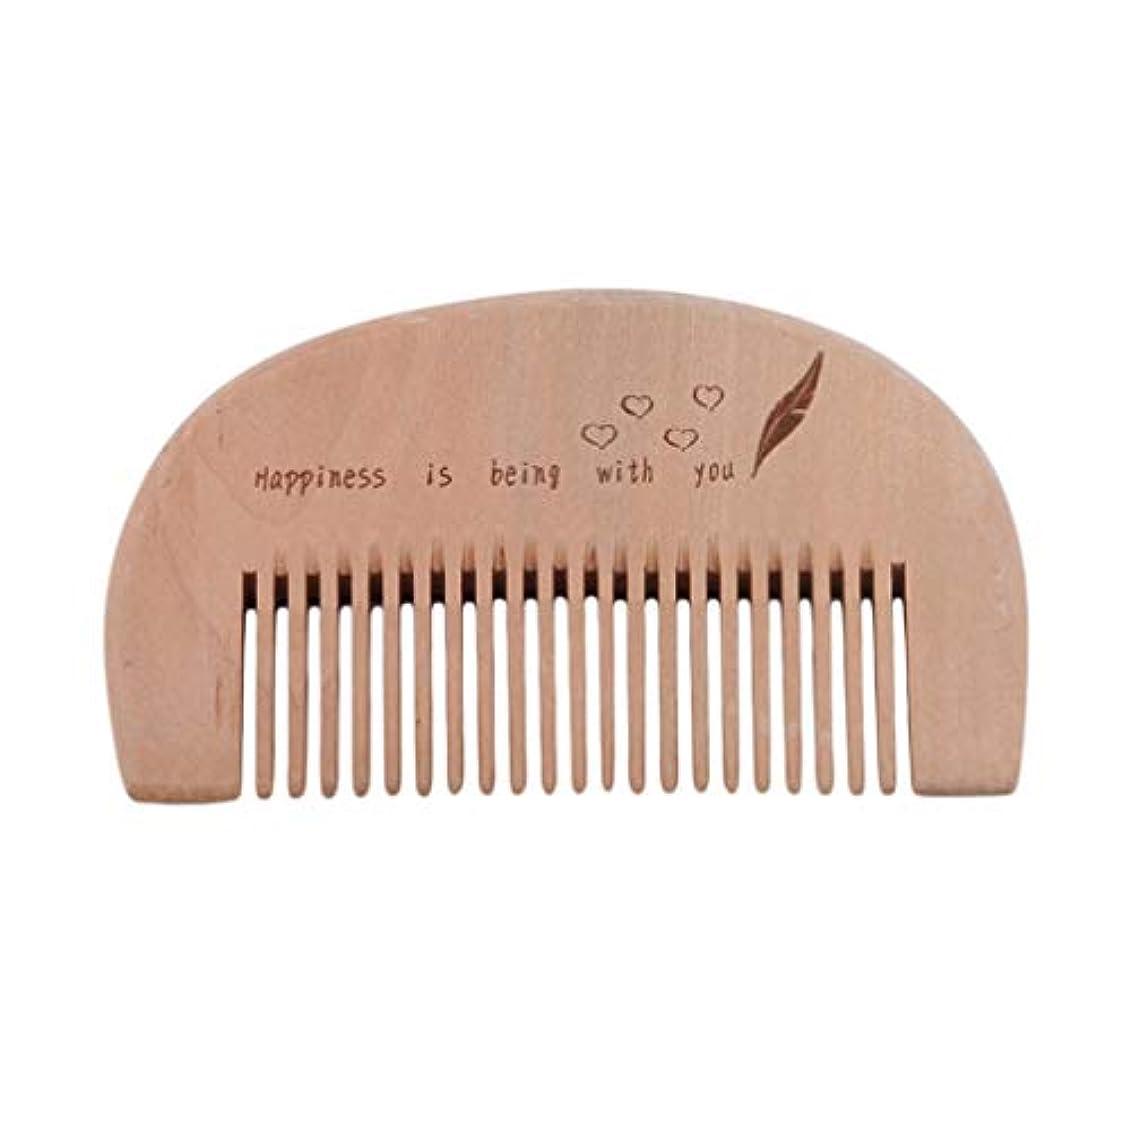 前砂漠強制MARUIKAO ヘアブラシ 半月形 木製櫛 美髪ケア 静電防止コーム メンズ レディース用